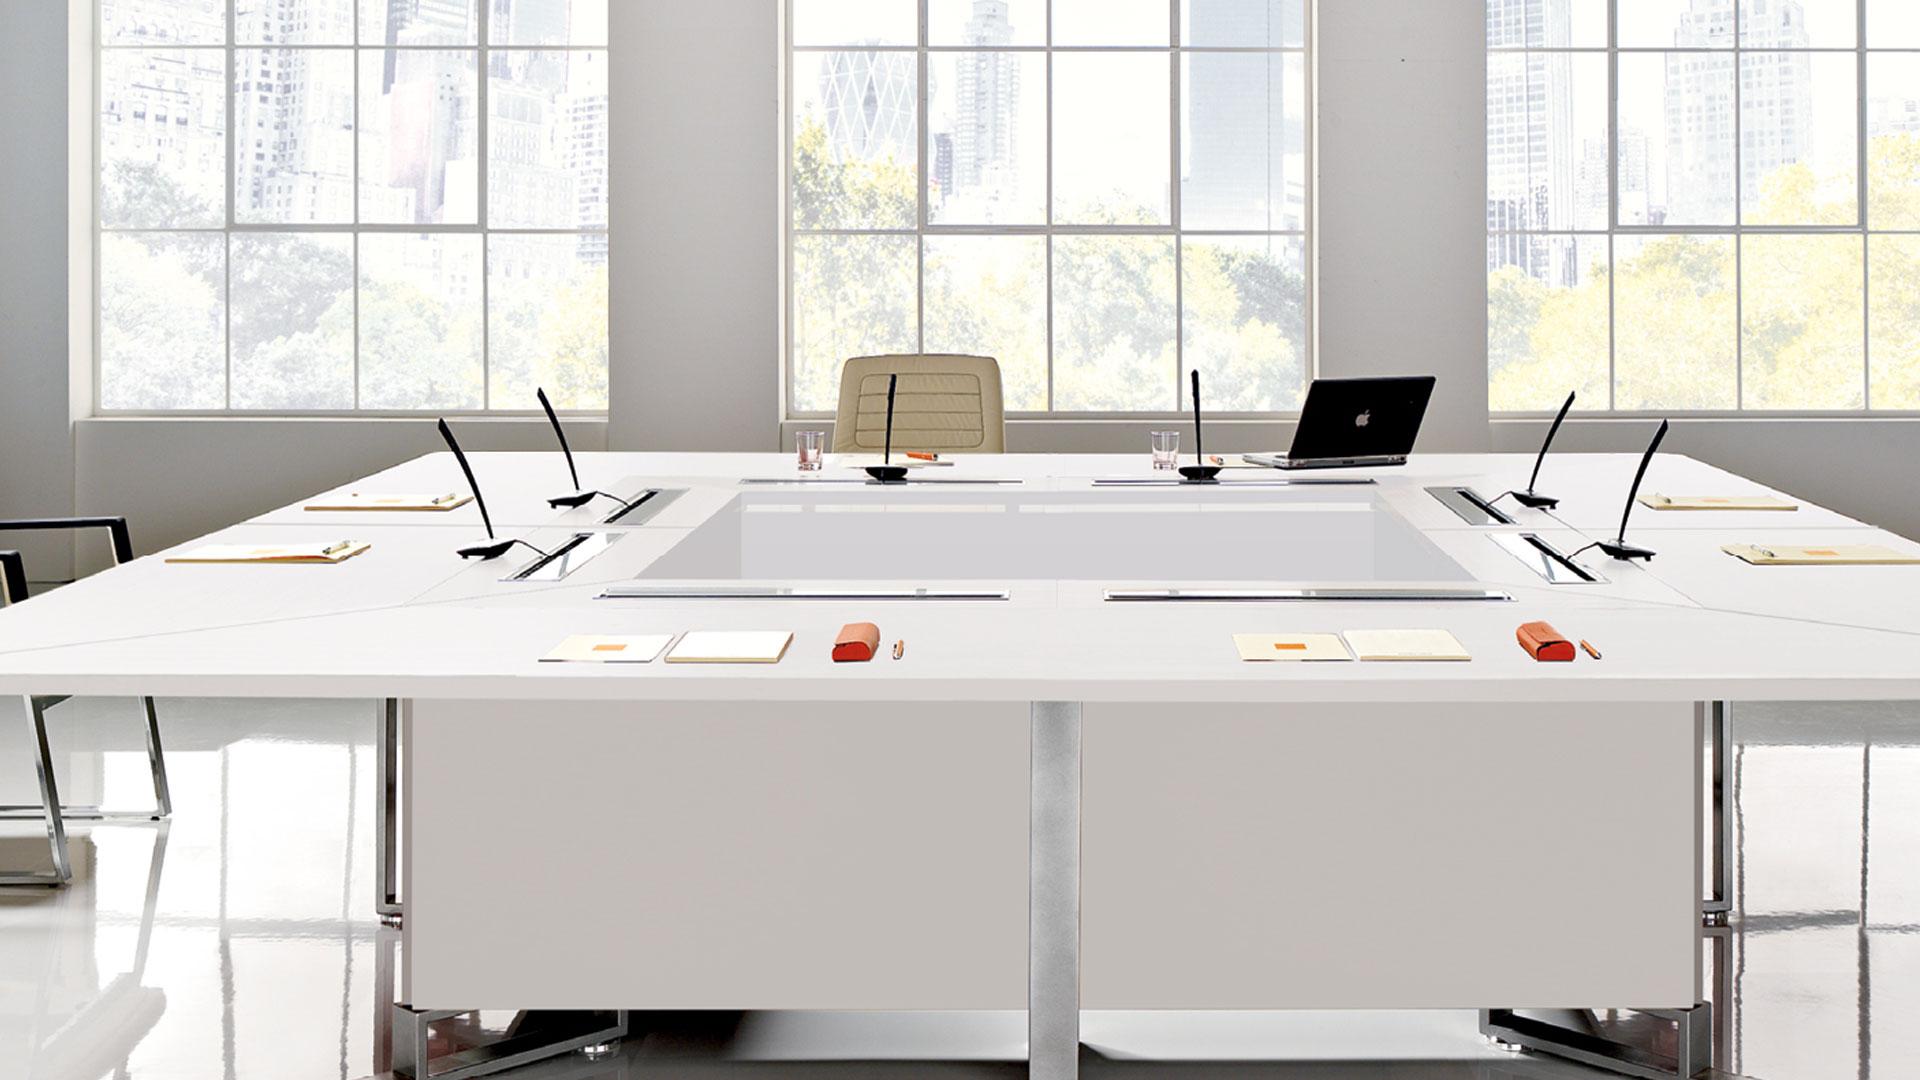 Giannone Computers, Mobili per ufficio, Las, Imeet